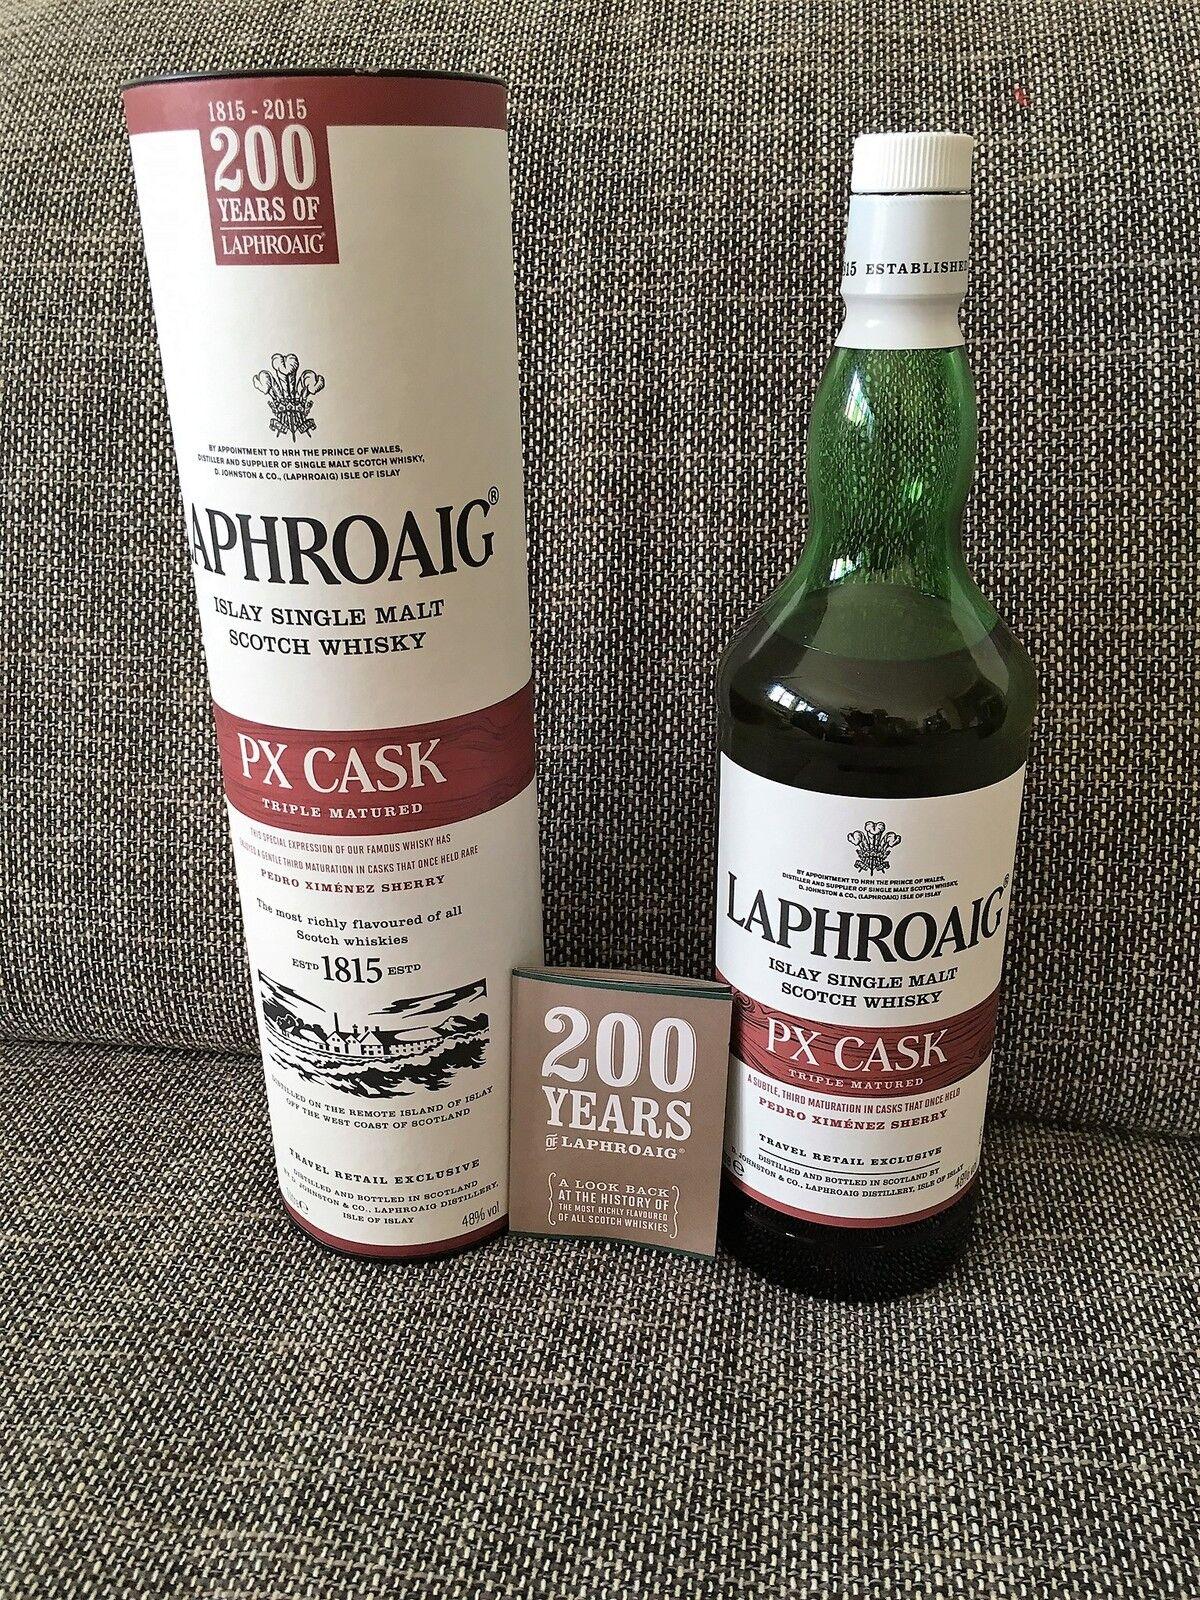 BeefJerky Whisky/Pfeffer  Laphroaig Laphroaig Laphroaig PXCask Whisky 10 mal 100g be9afd